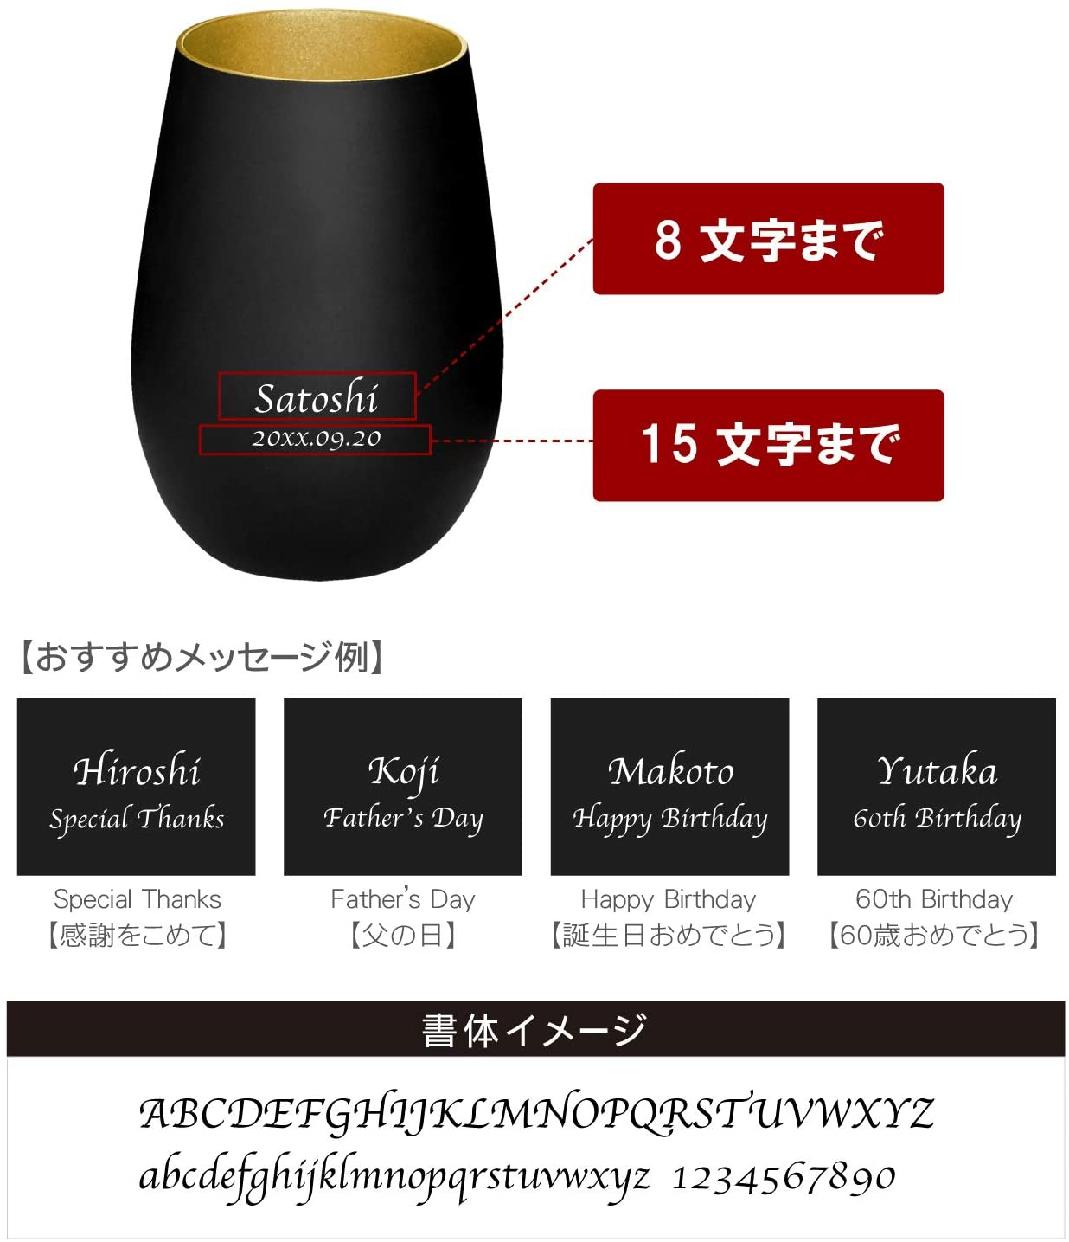 名入れ専門店 きざむ(キザム)名入れ ブランデーグラス 460mlの商品画像4